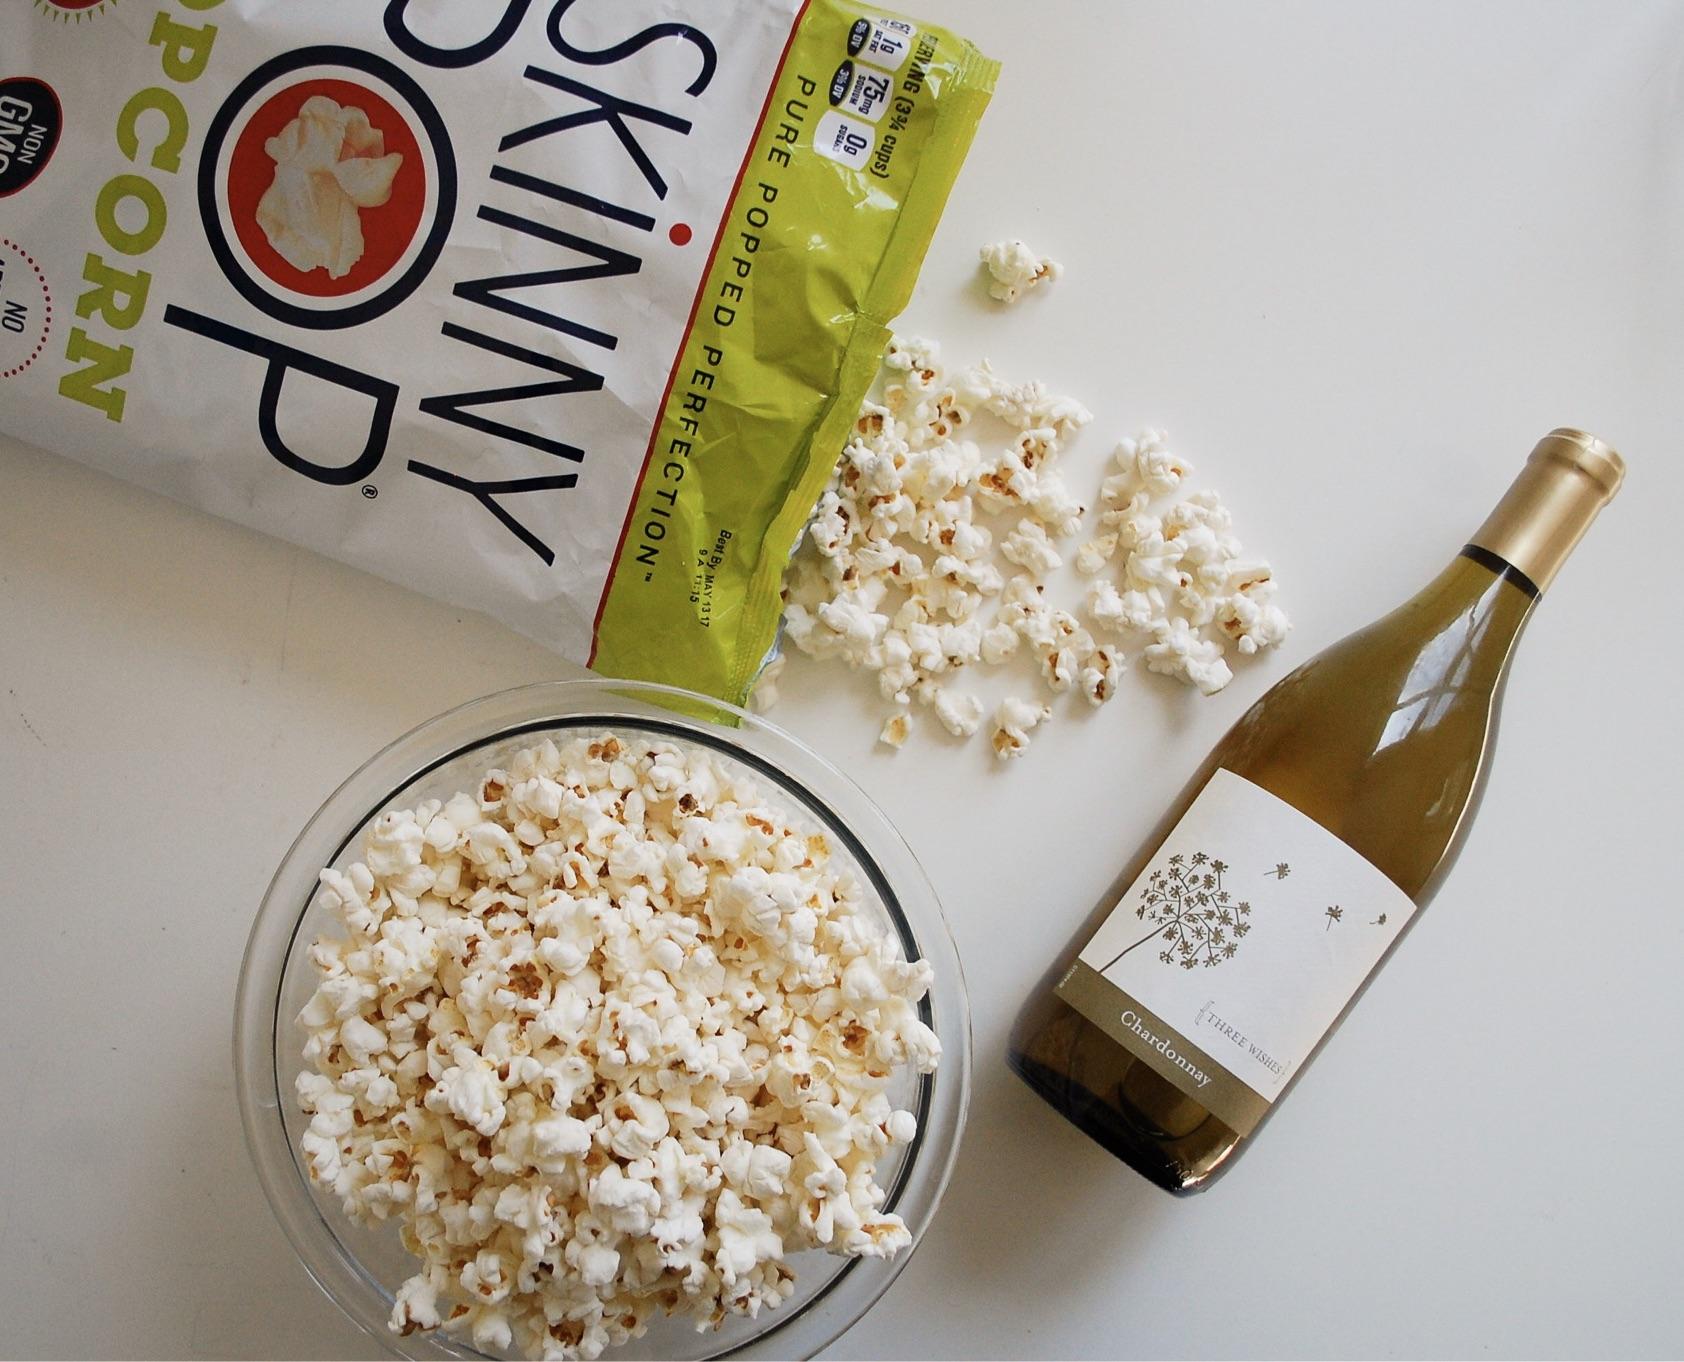 SkinnyPop + Wine Pairings